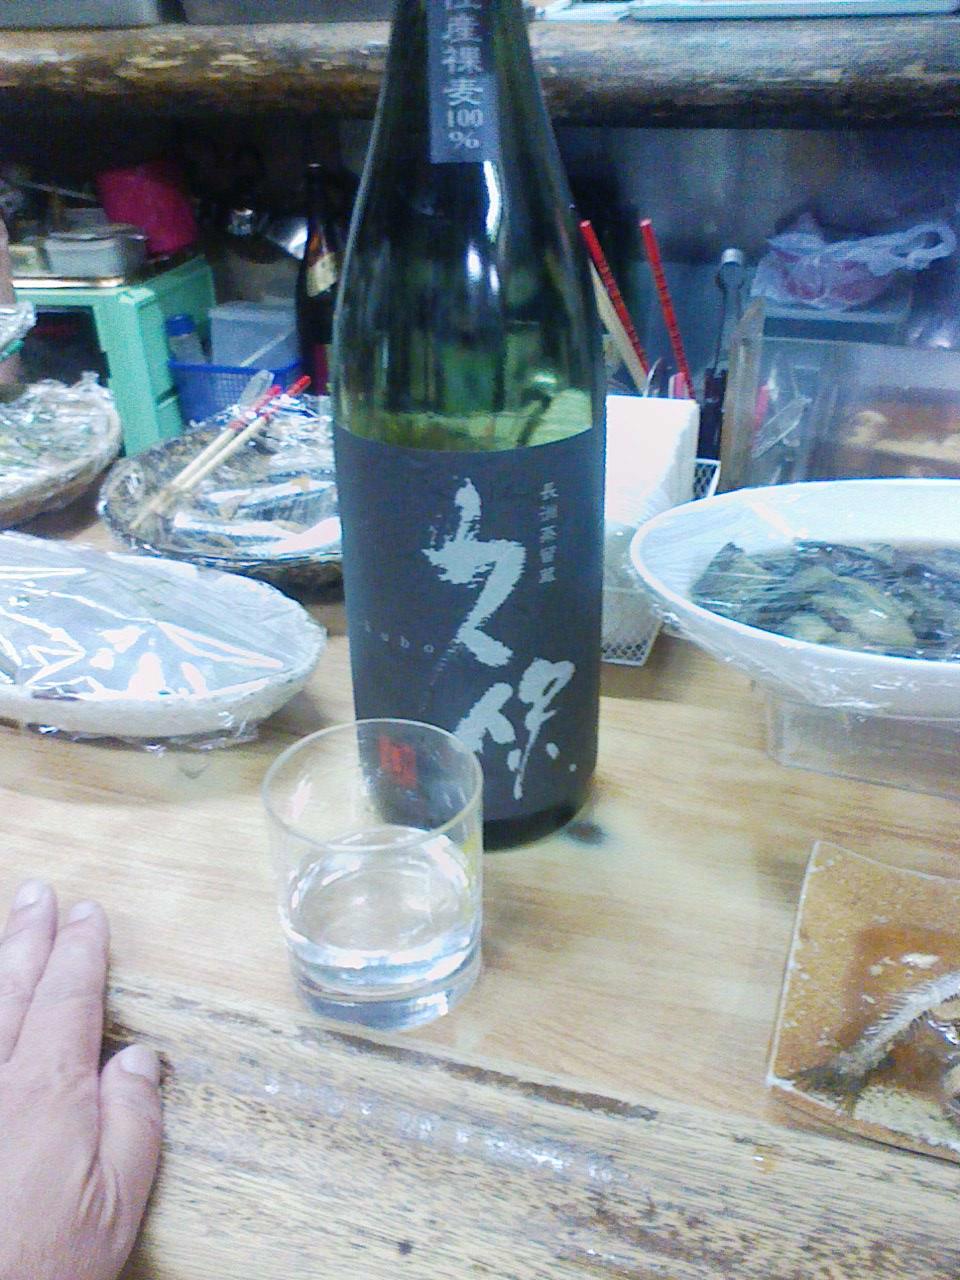 久しぶりの「稲田酒店」大分麦の「久保」を味わう。_c0061686_9362677.jpg